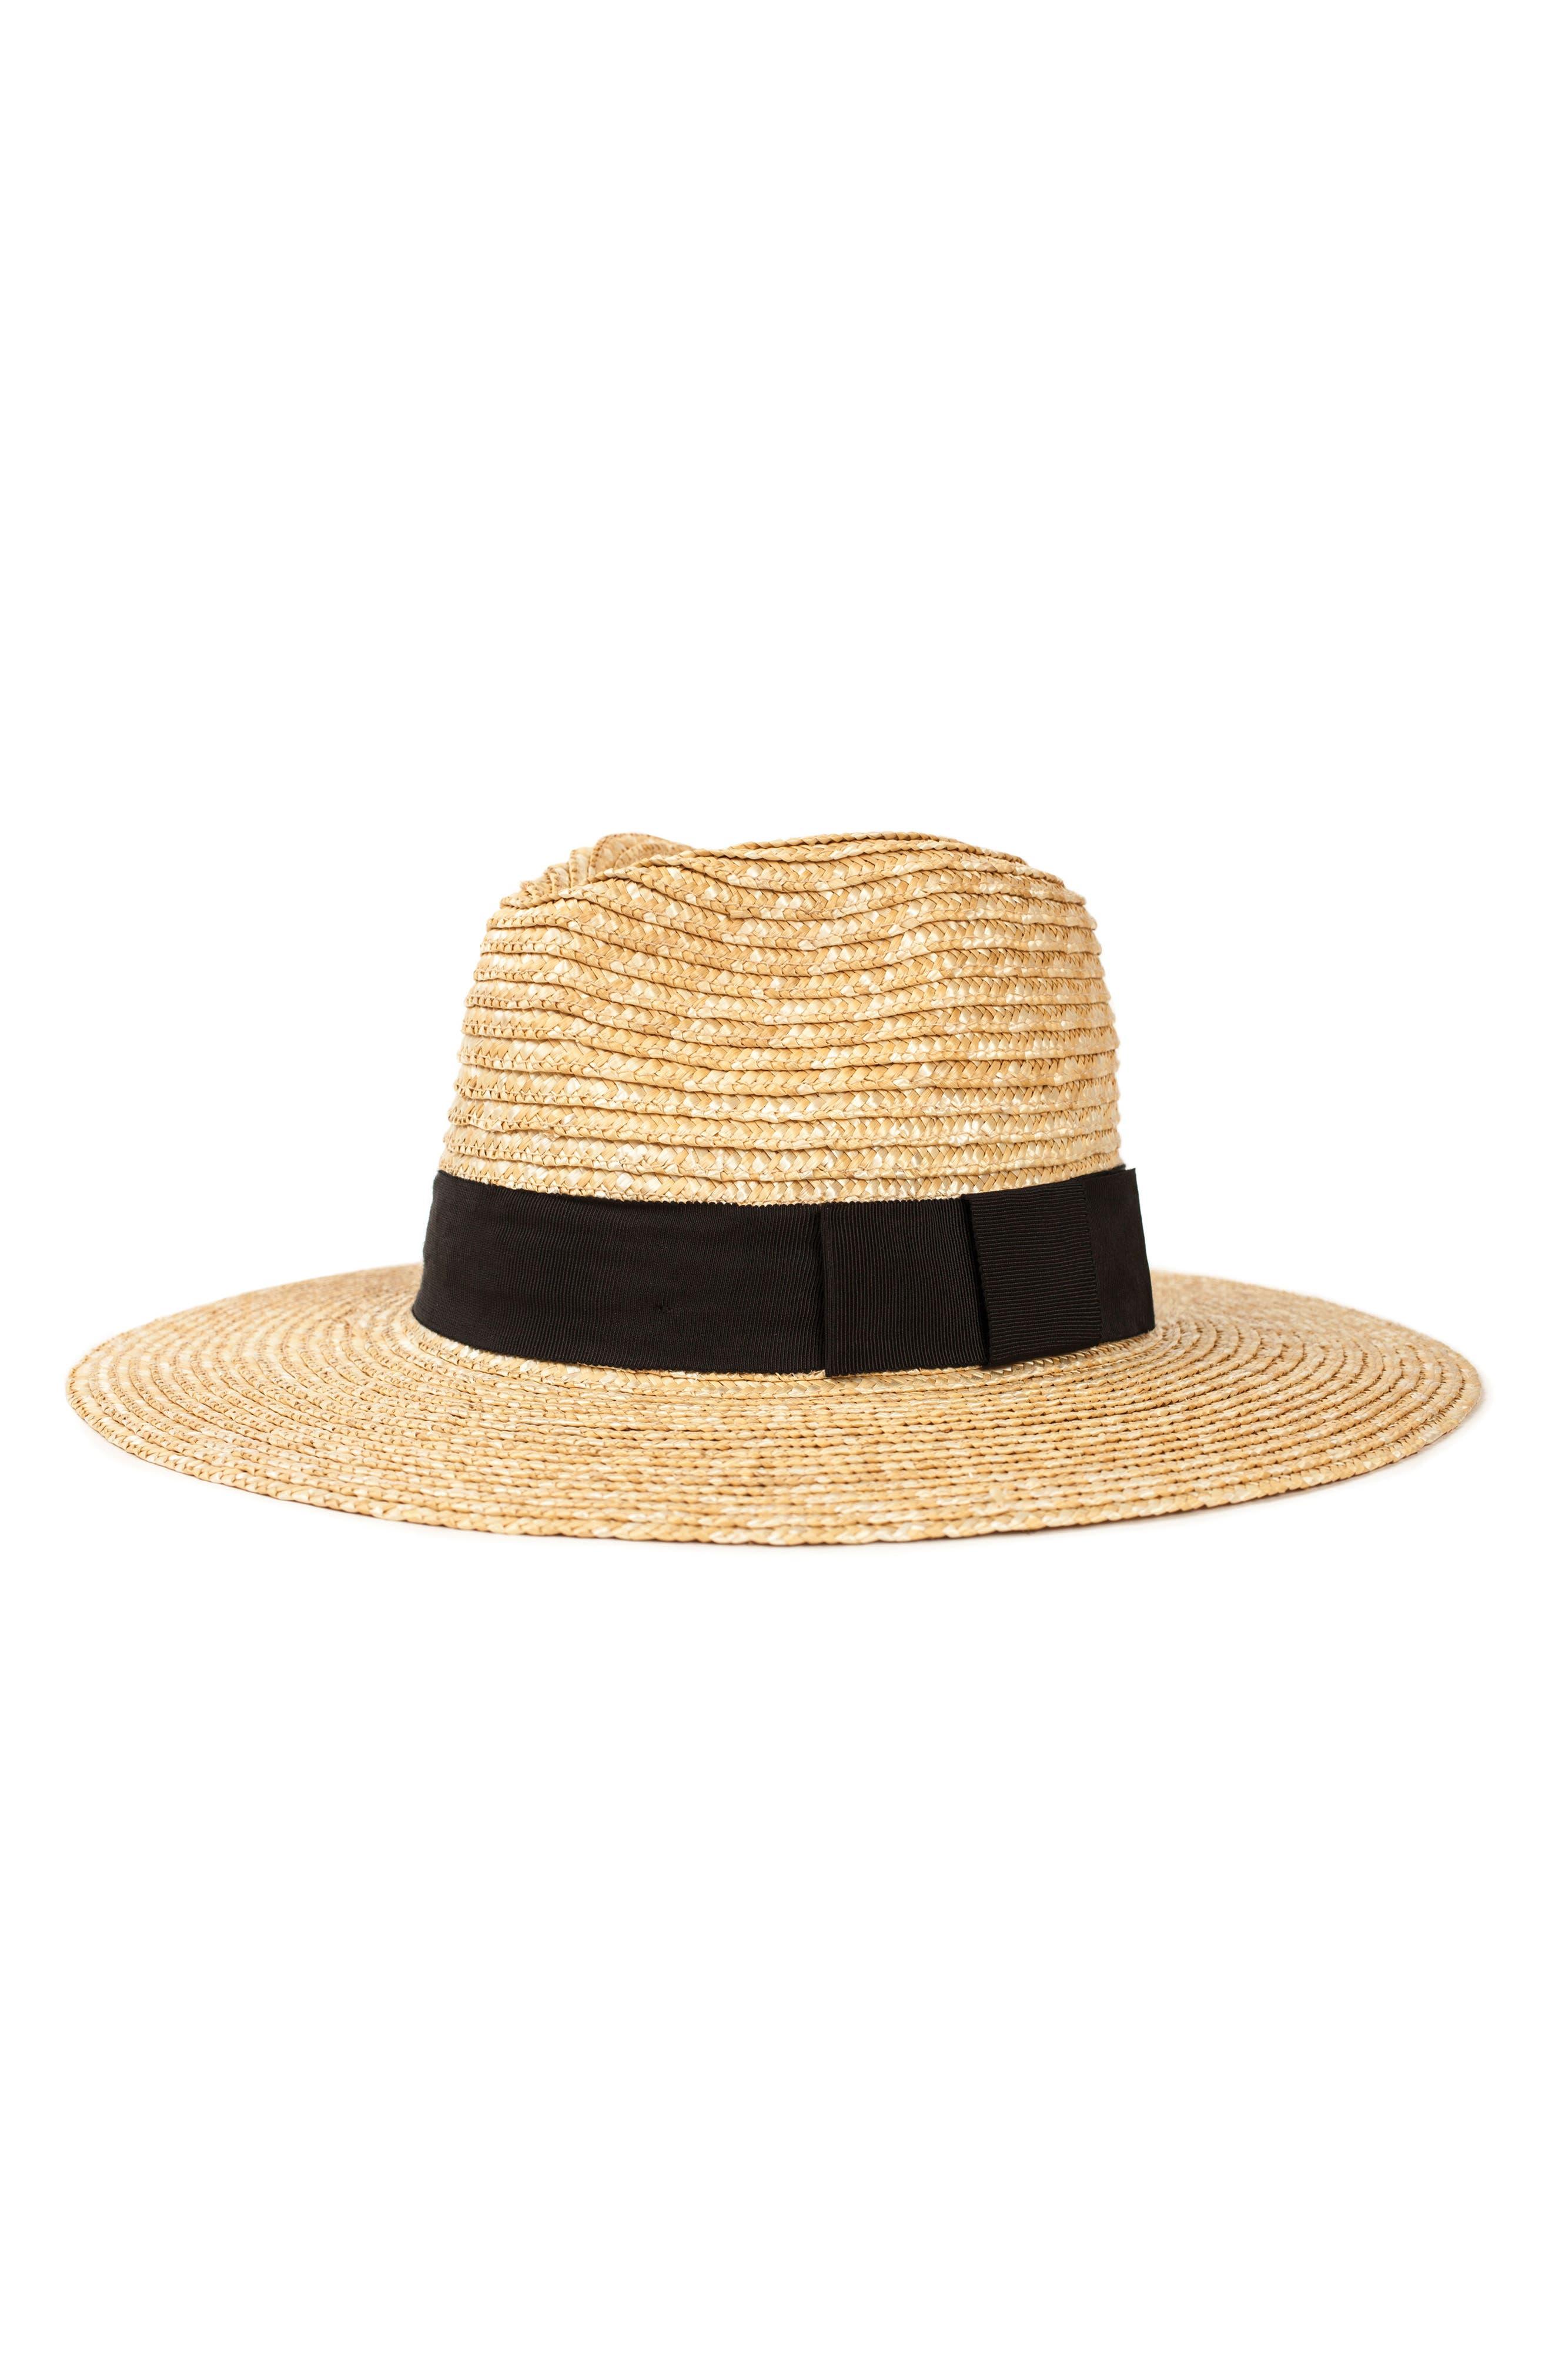 BRIXTON 'Joanna' Straw Hat, Main, color, HONEY